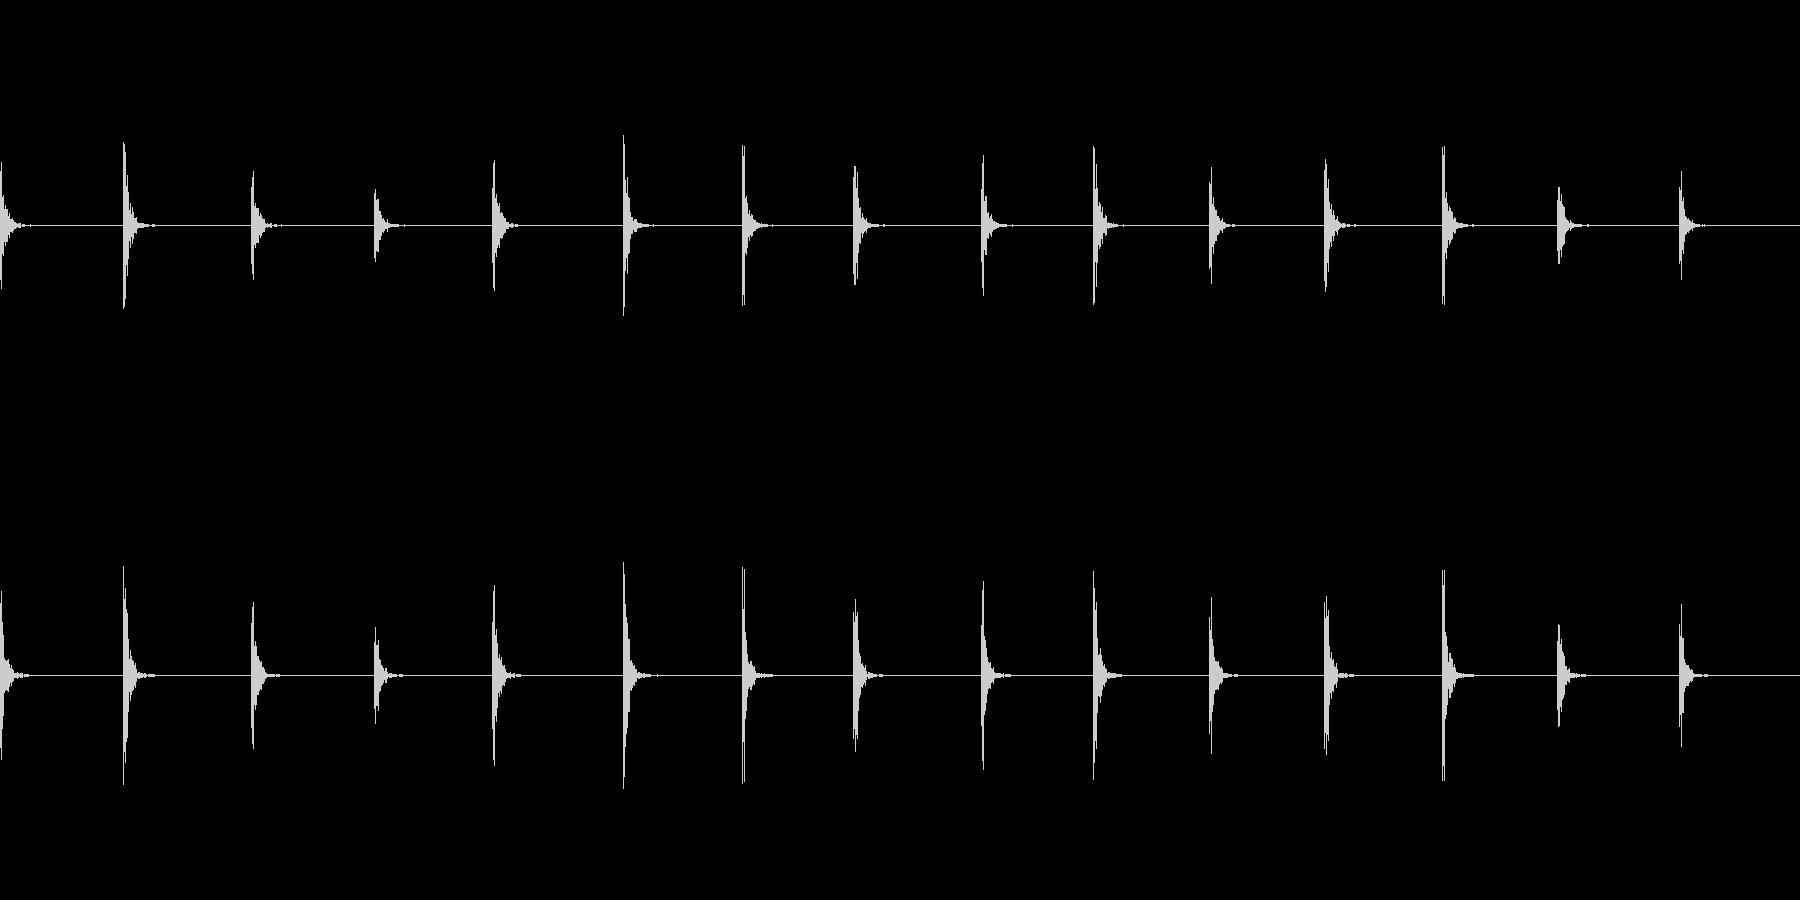 【足音01-3L】の未再生の波形